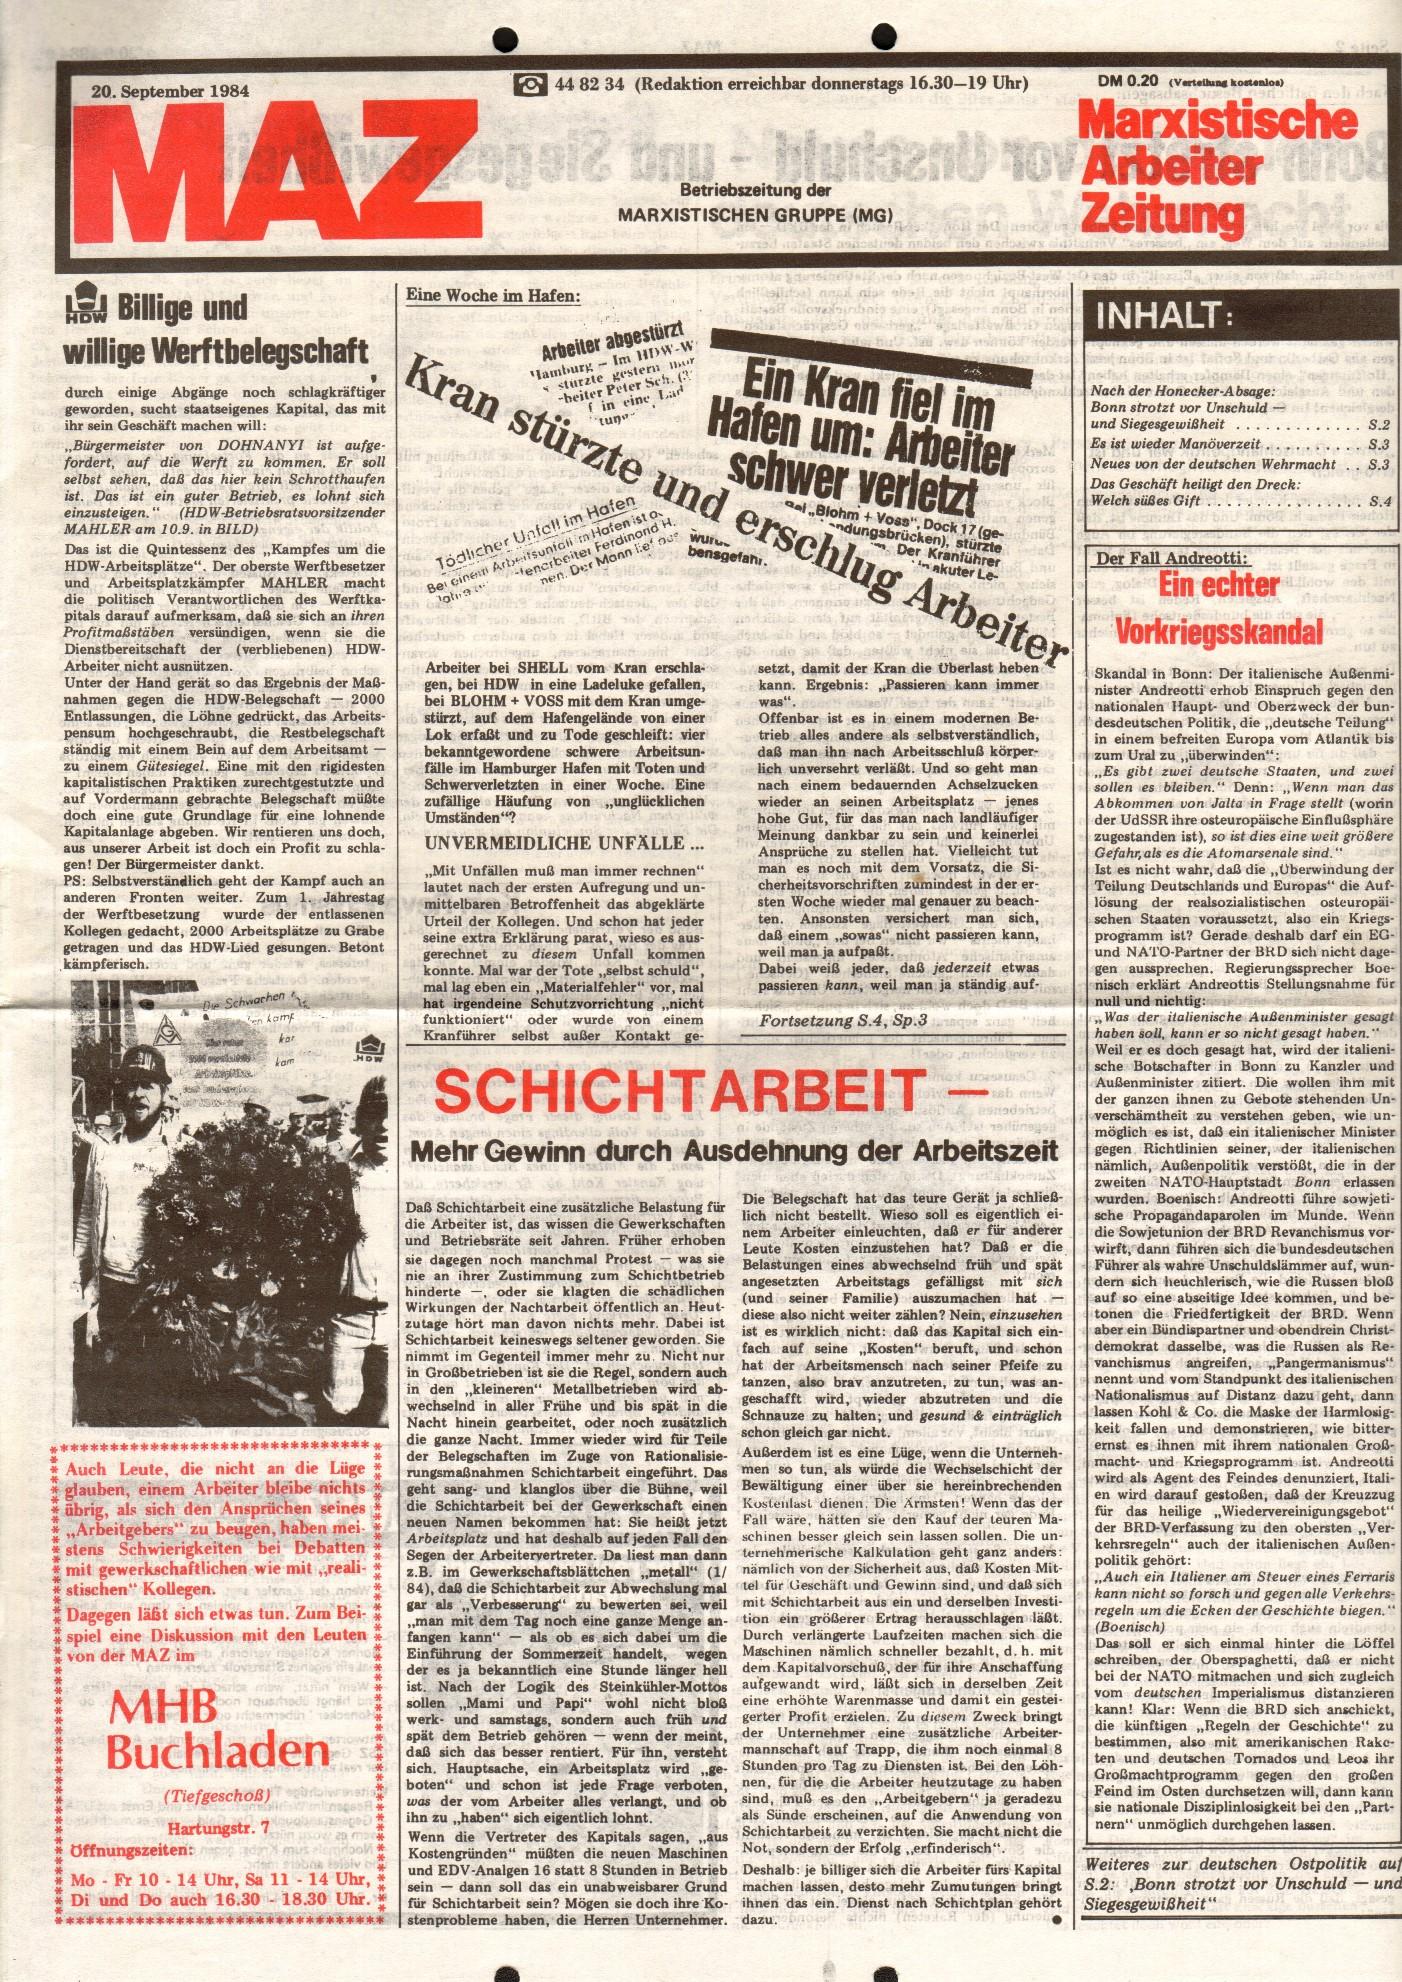 Hamburg_MG_MAZ_19840920_01